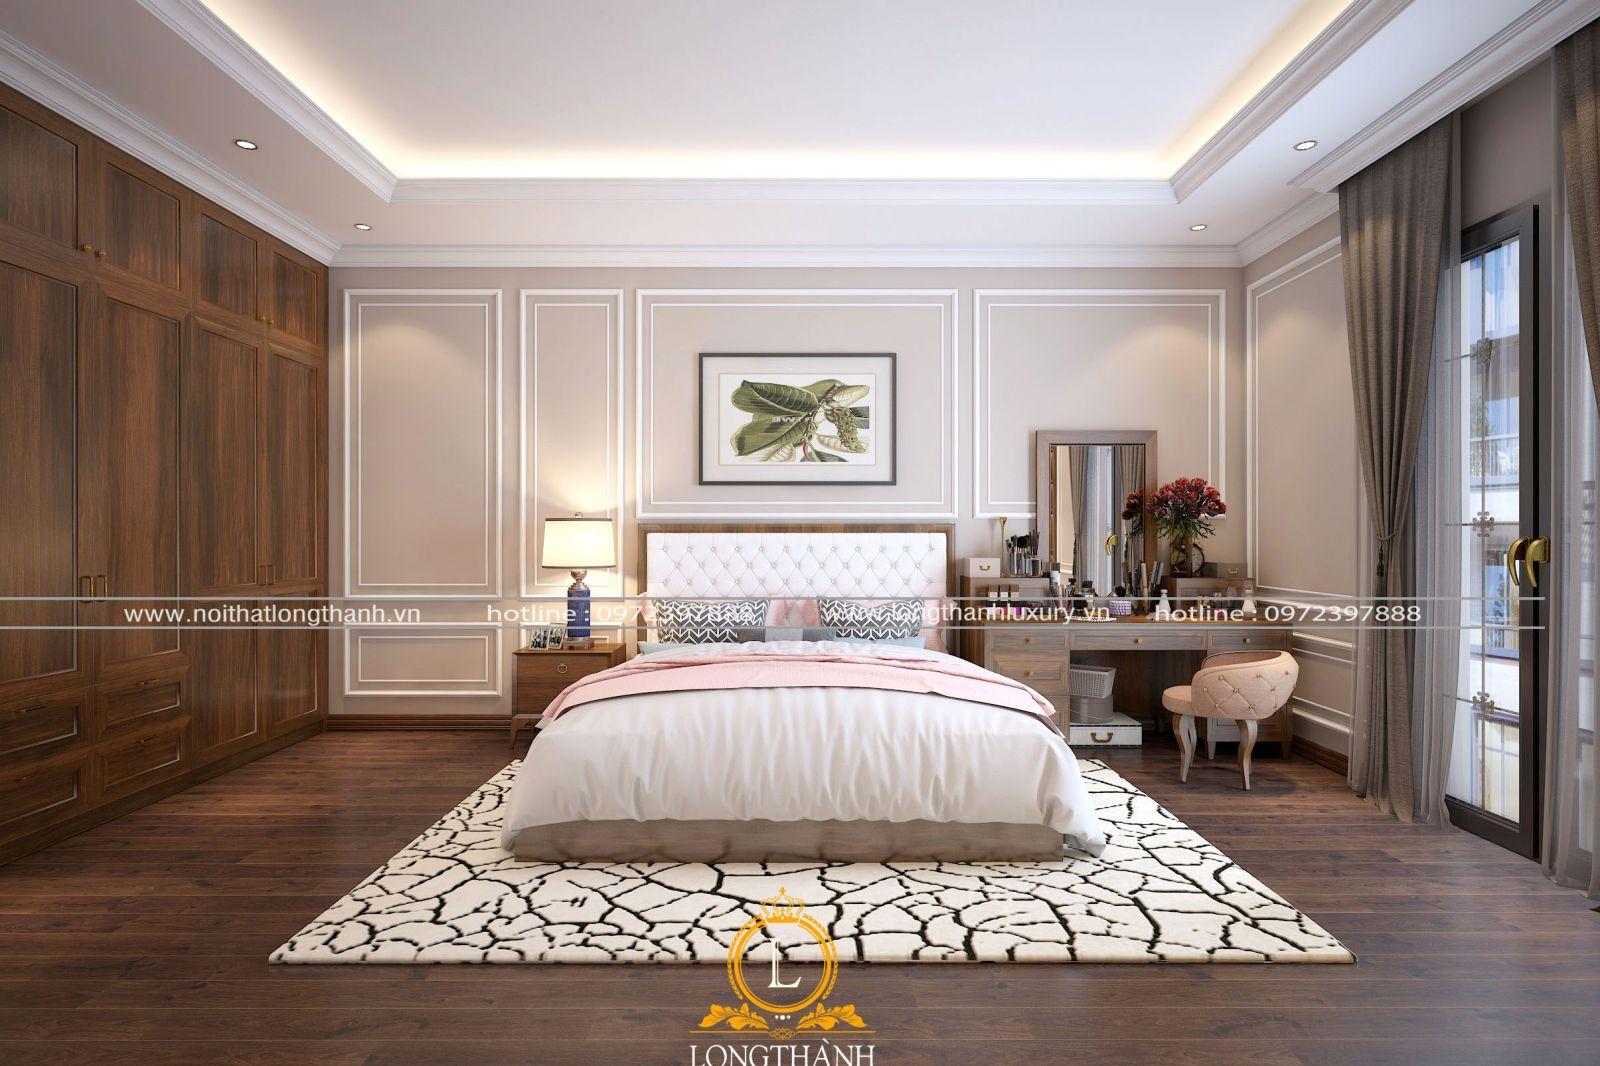 Mẫu phòng ngủ hiện đại rộng với đồ nội thất tiện nghi